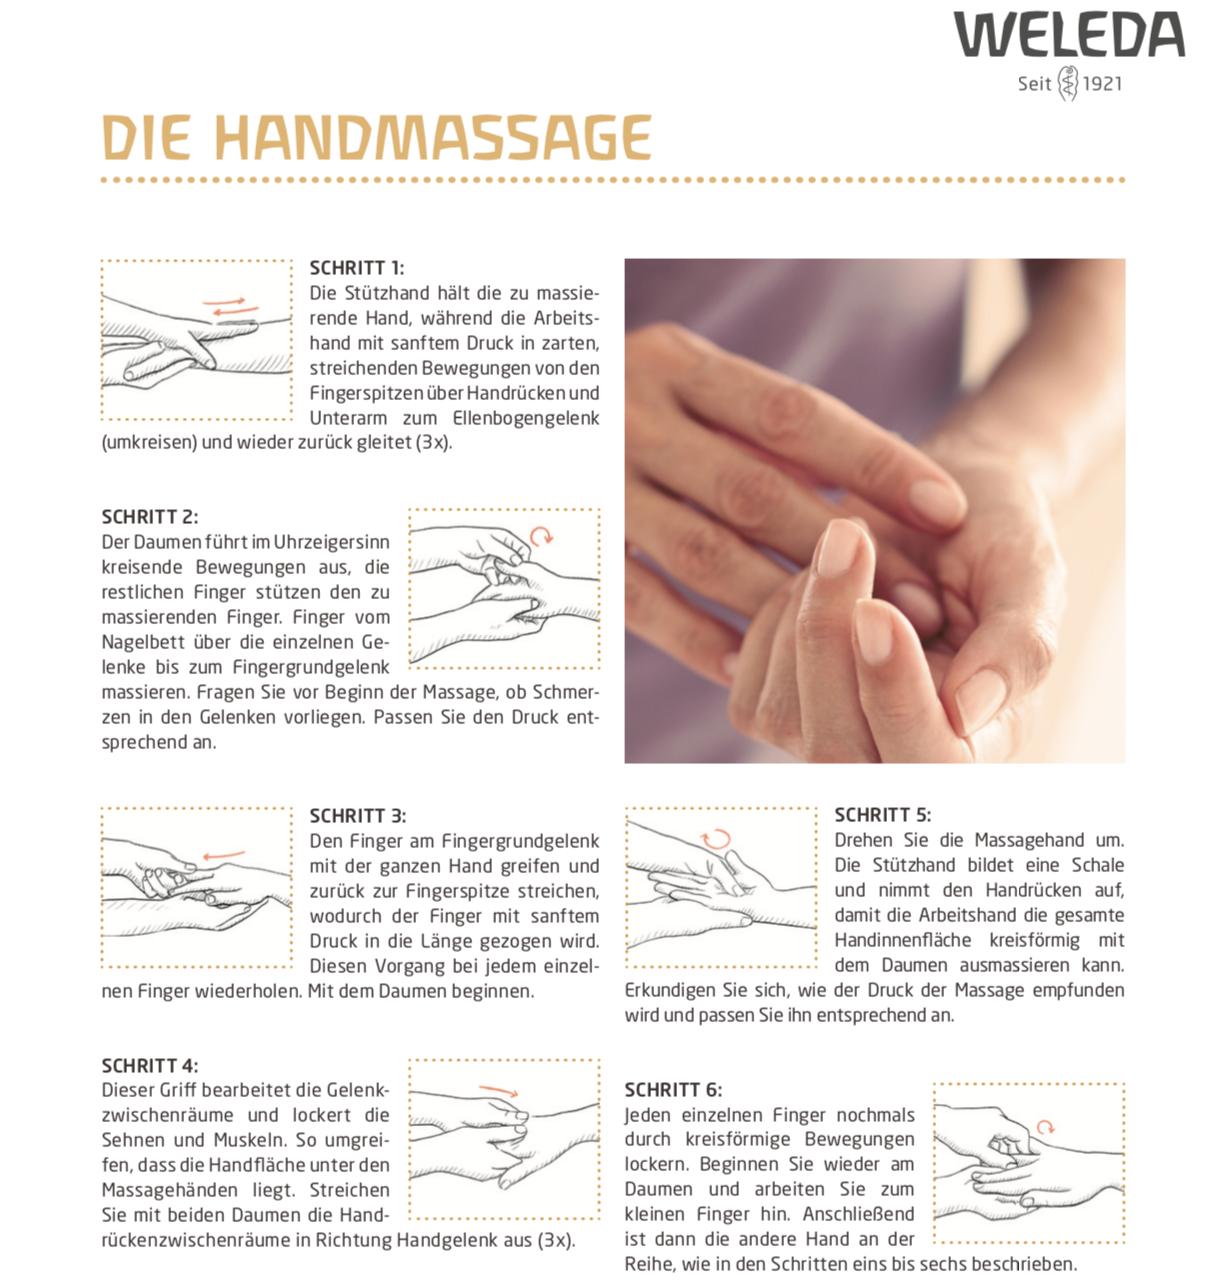 weleda, handmassage